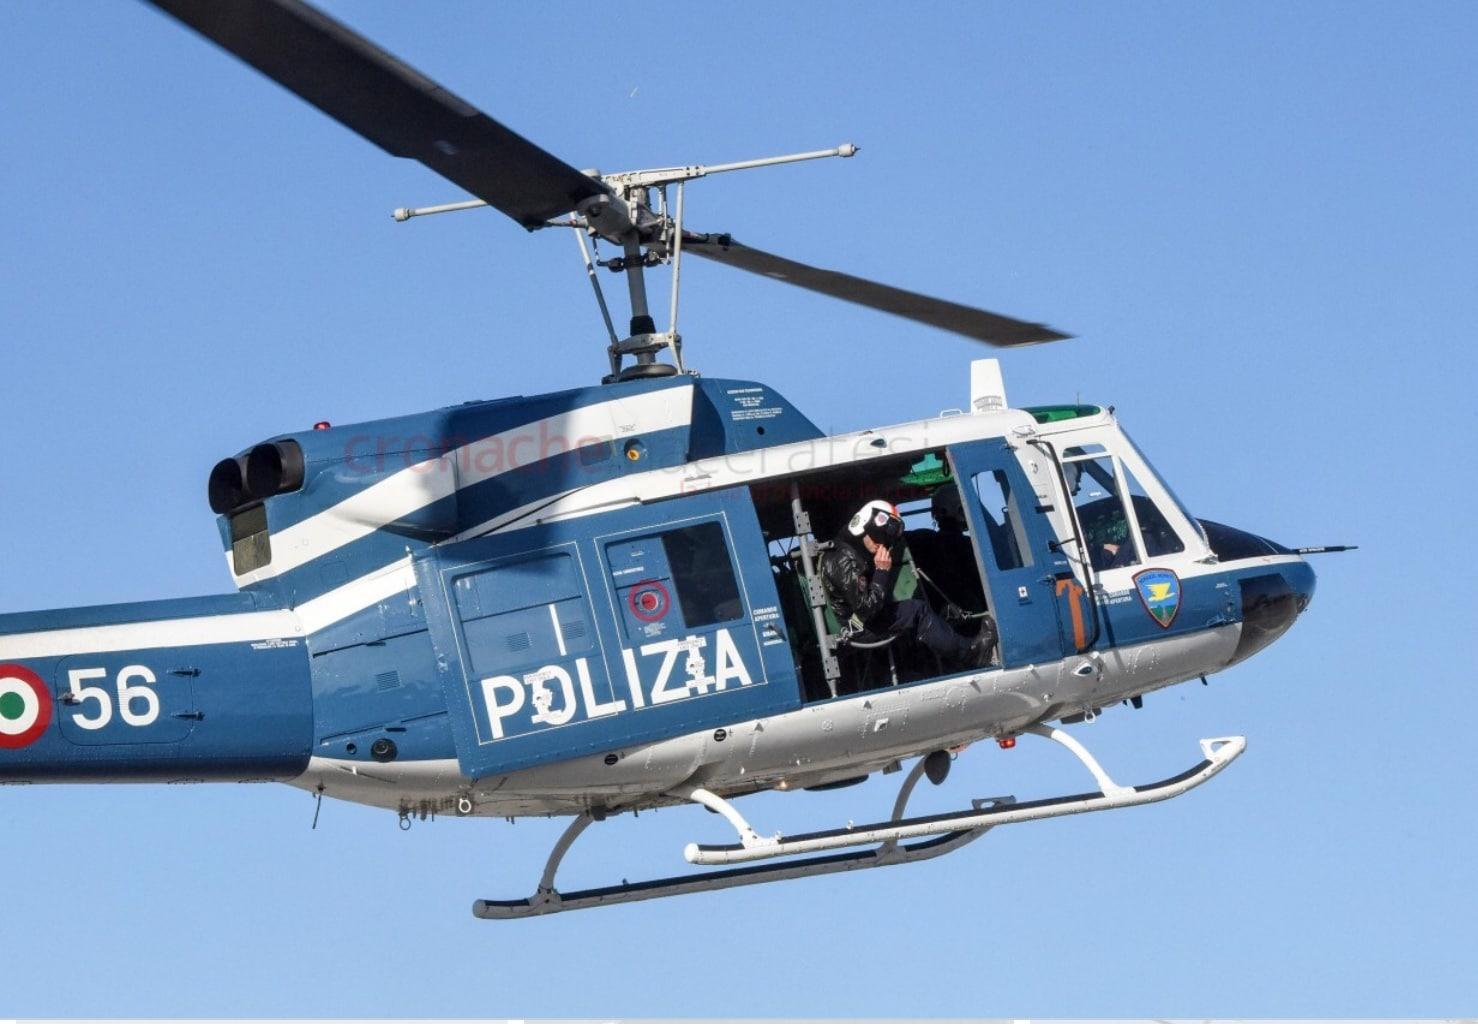 Coronavirus, organizzano grigliata sul terrazzo condominiale, arriva l'elicottero dei carabinieri e per allontanarlo accendono i fuochi d'artificio